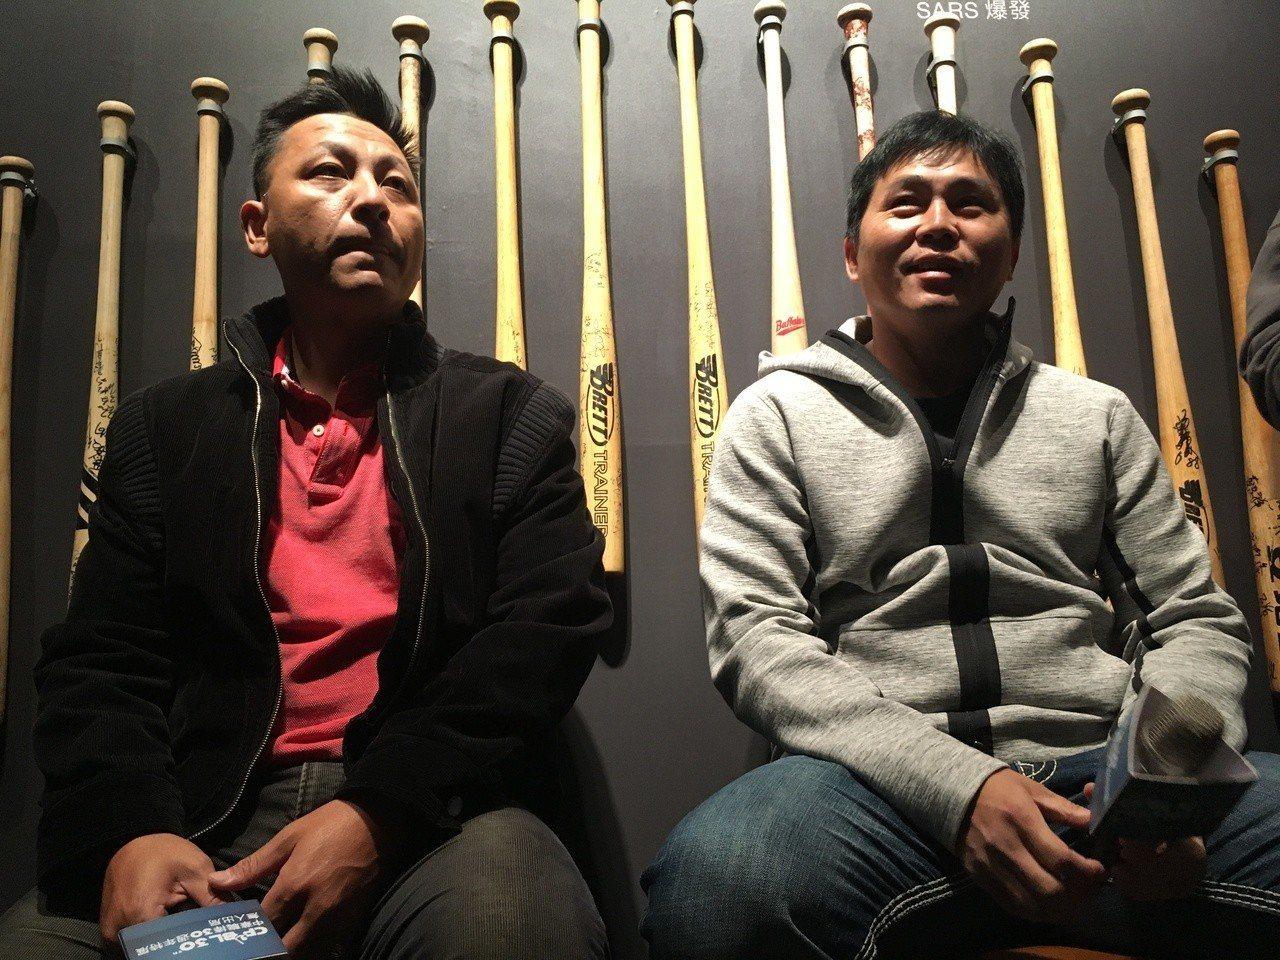 昔日興農牛隊投捕搭檔蔡仲南(左起)、葉君璋。記者葉姵妤/攝影